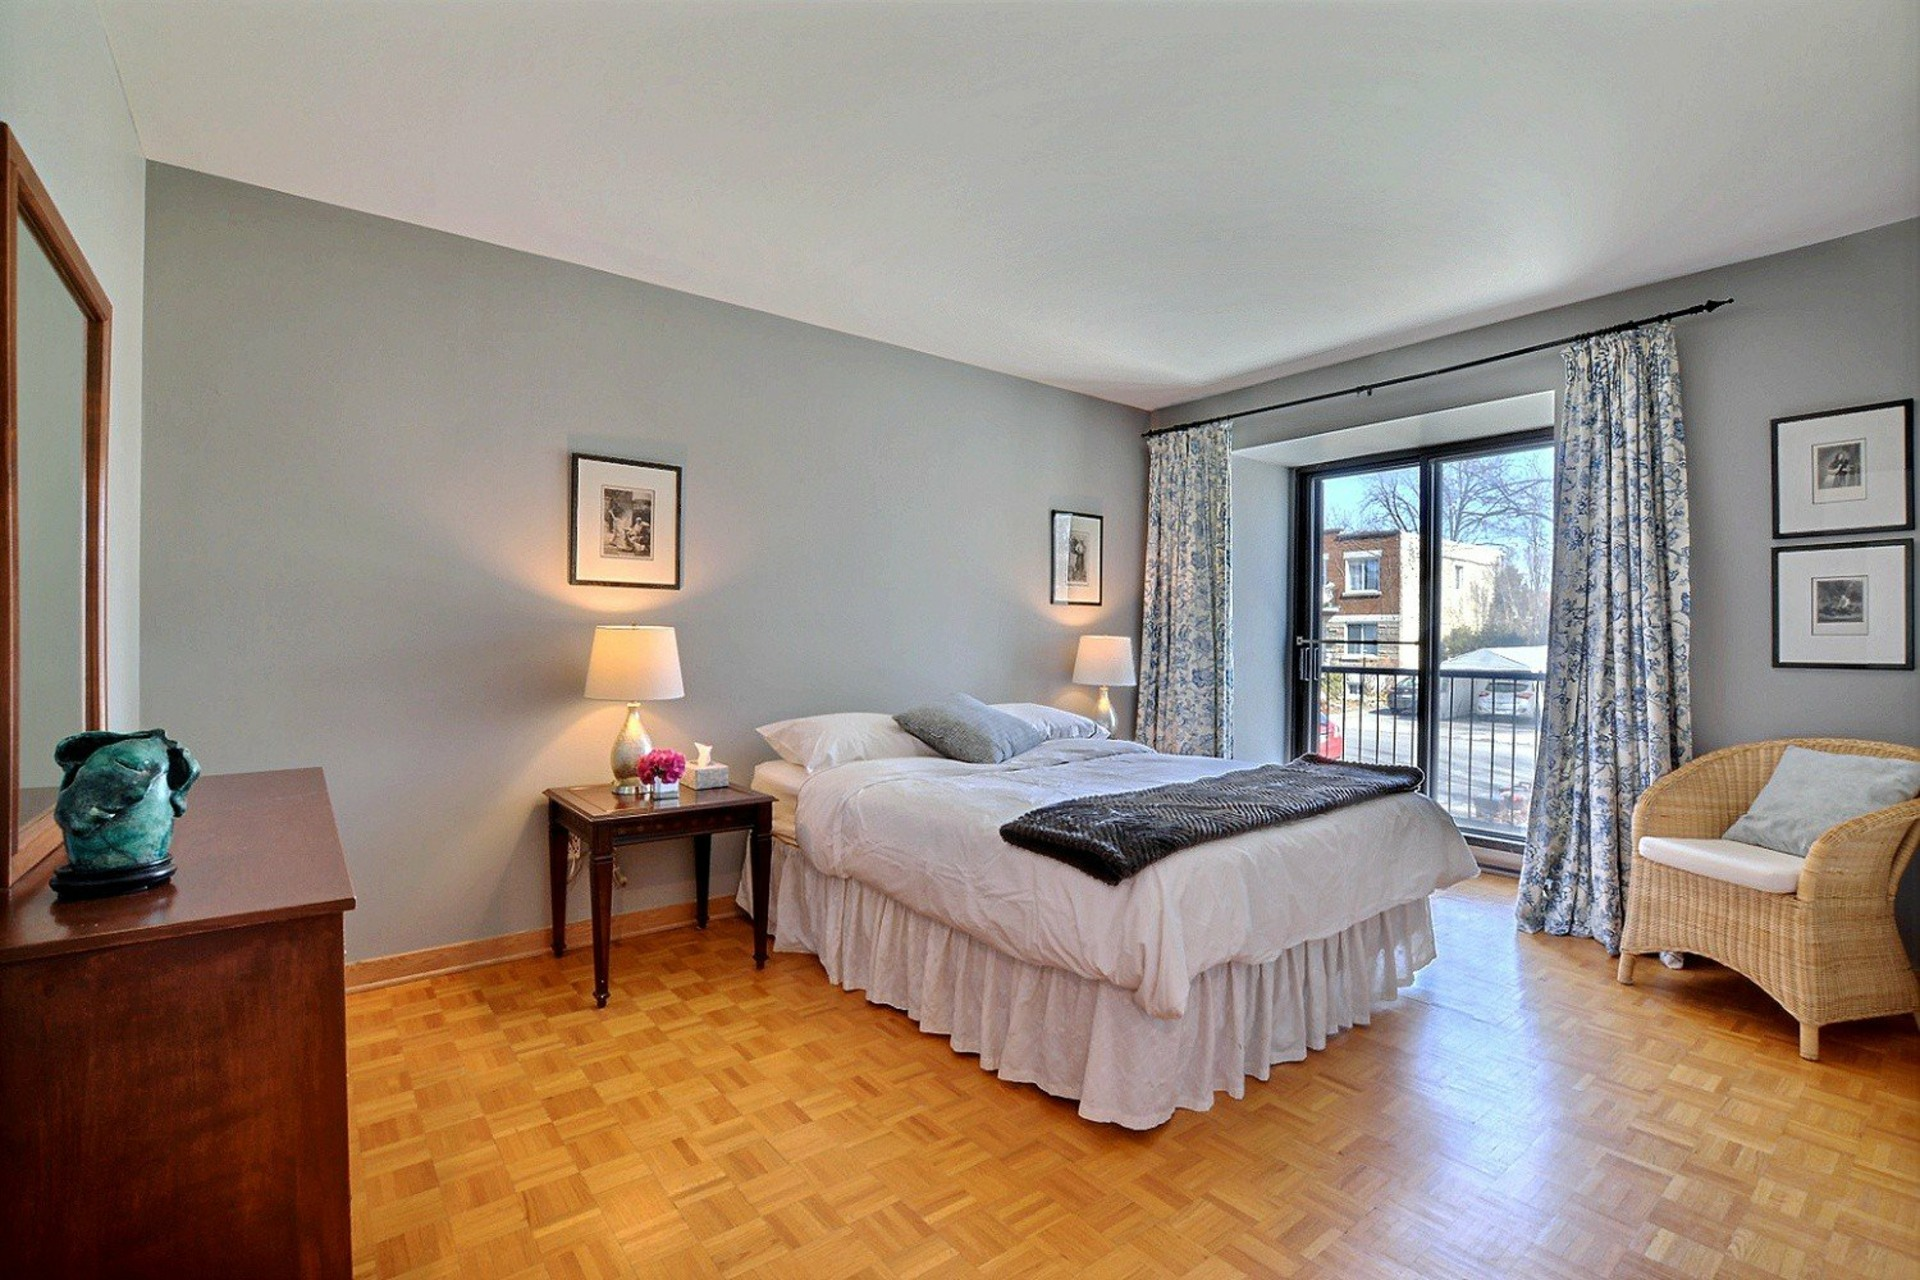 image 9 - Appartement À vendre Montréal Ahuntsic-Cartierville  - 7 pièces